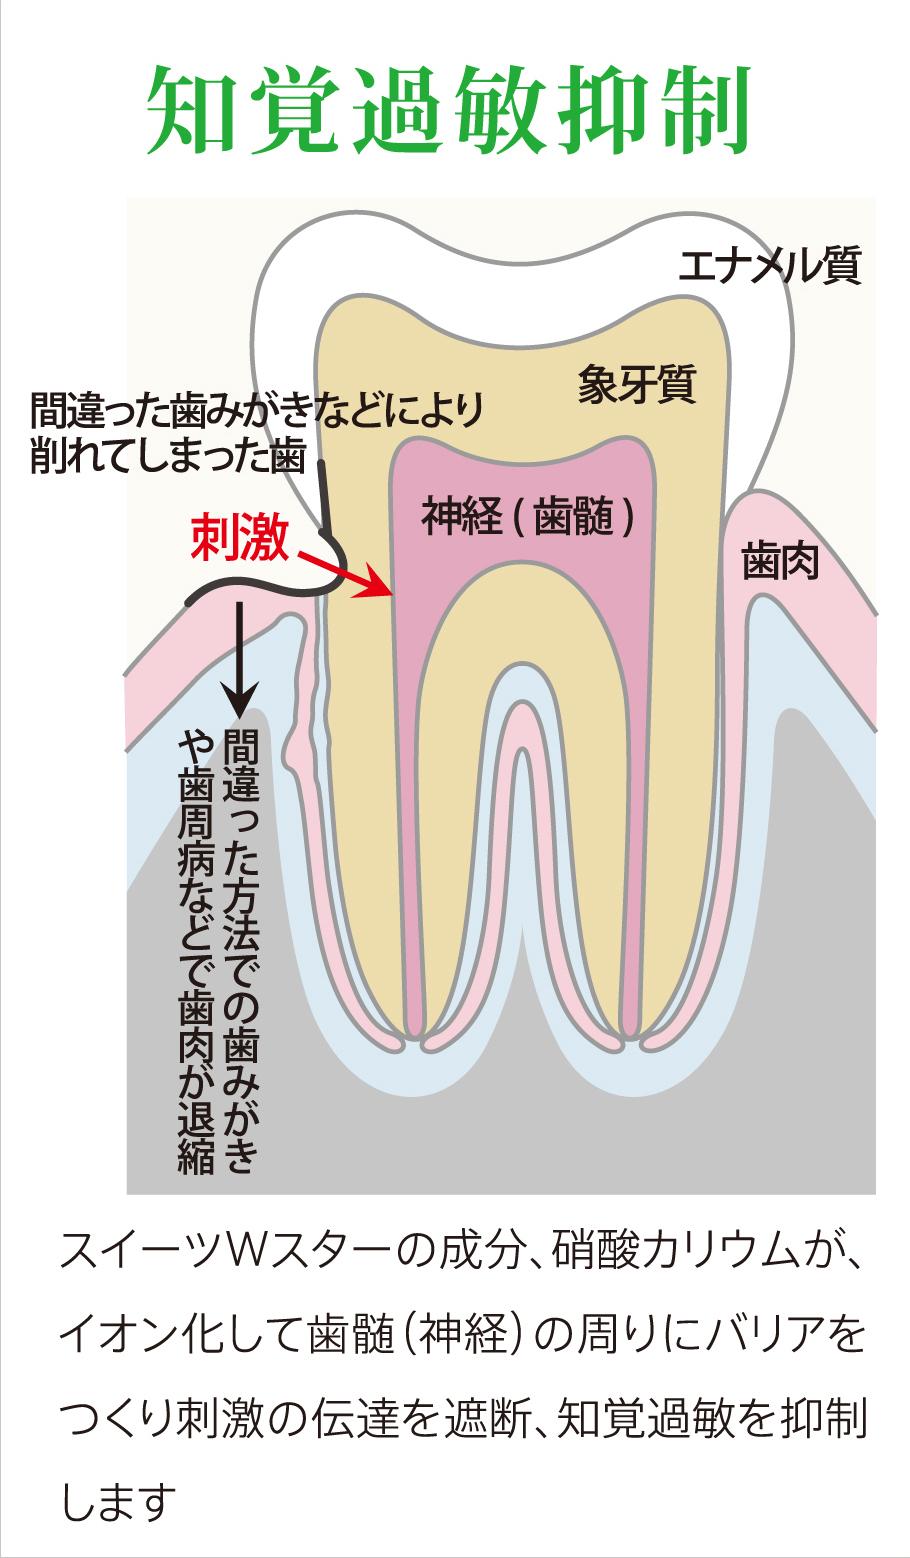 知覚過敏抑制 スイーツWスターの成分、硝酸カリウムが、イオン化して歯髄(神経)の周りにバリアをつくり刺激の伝達を遮断、知覚過敏を抑制します